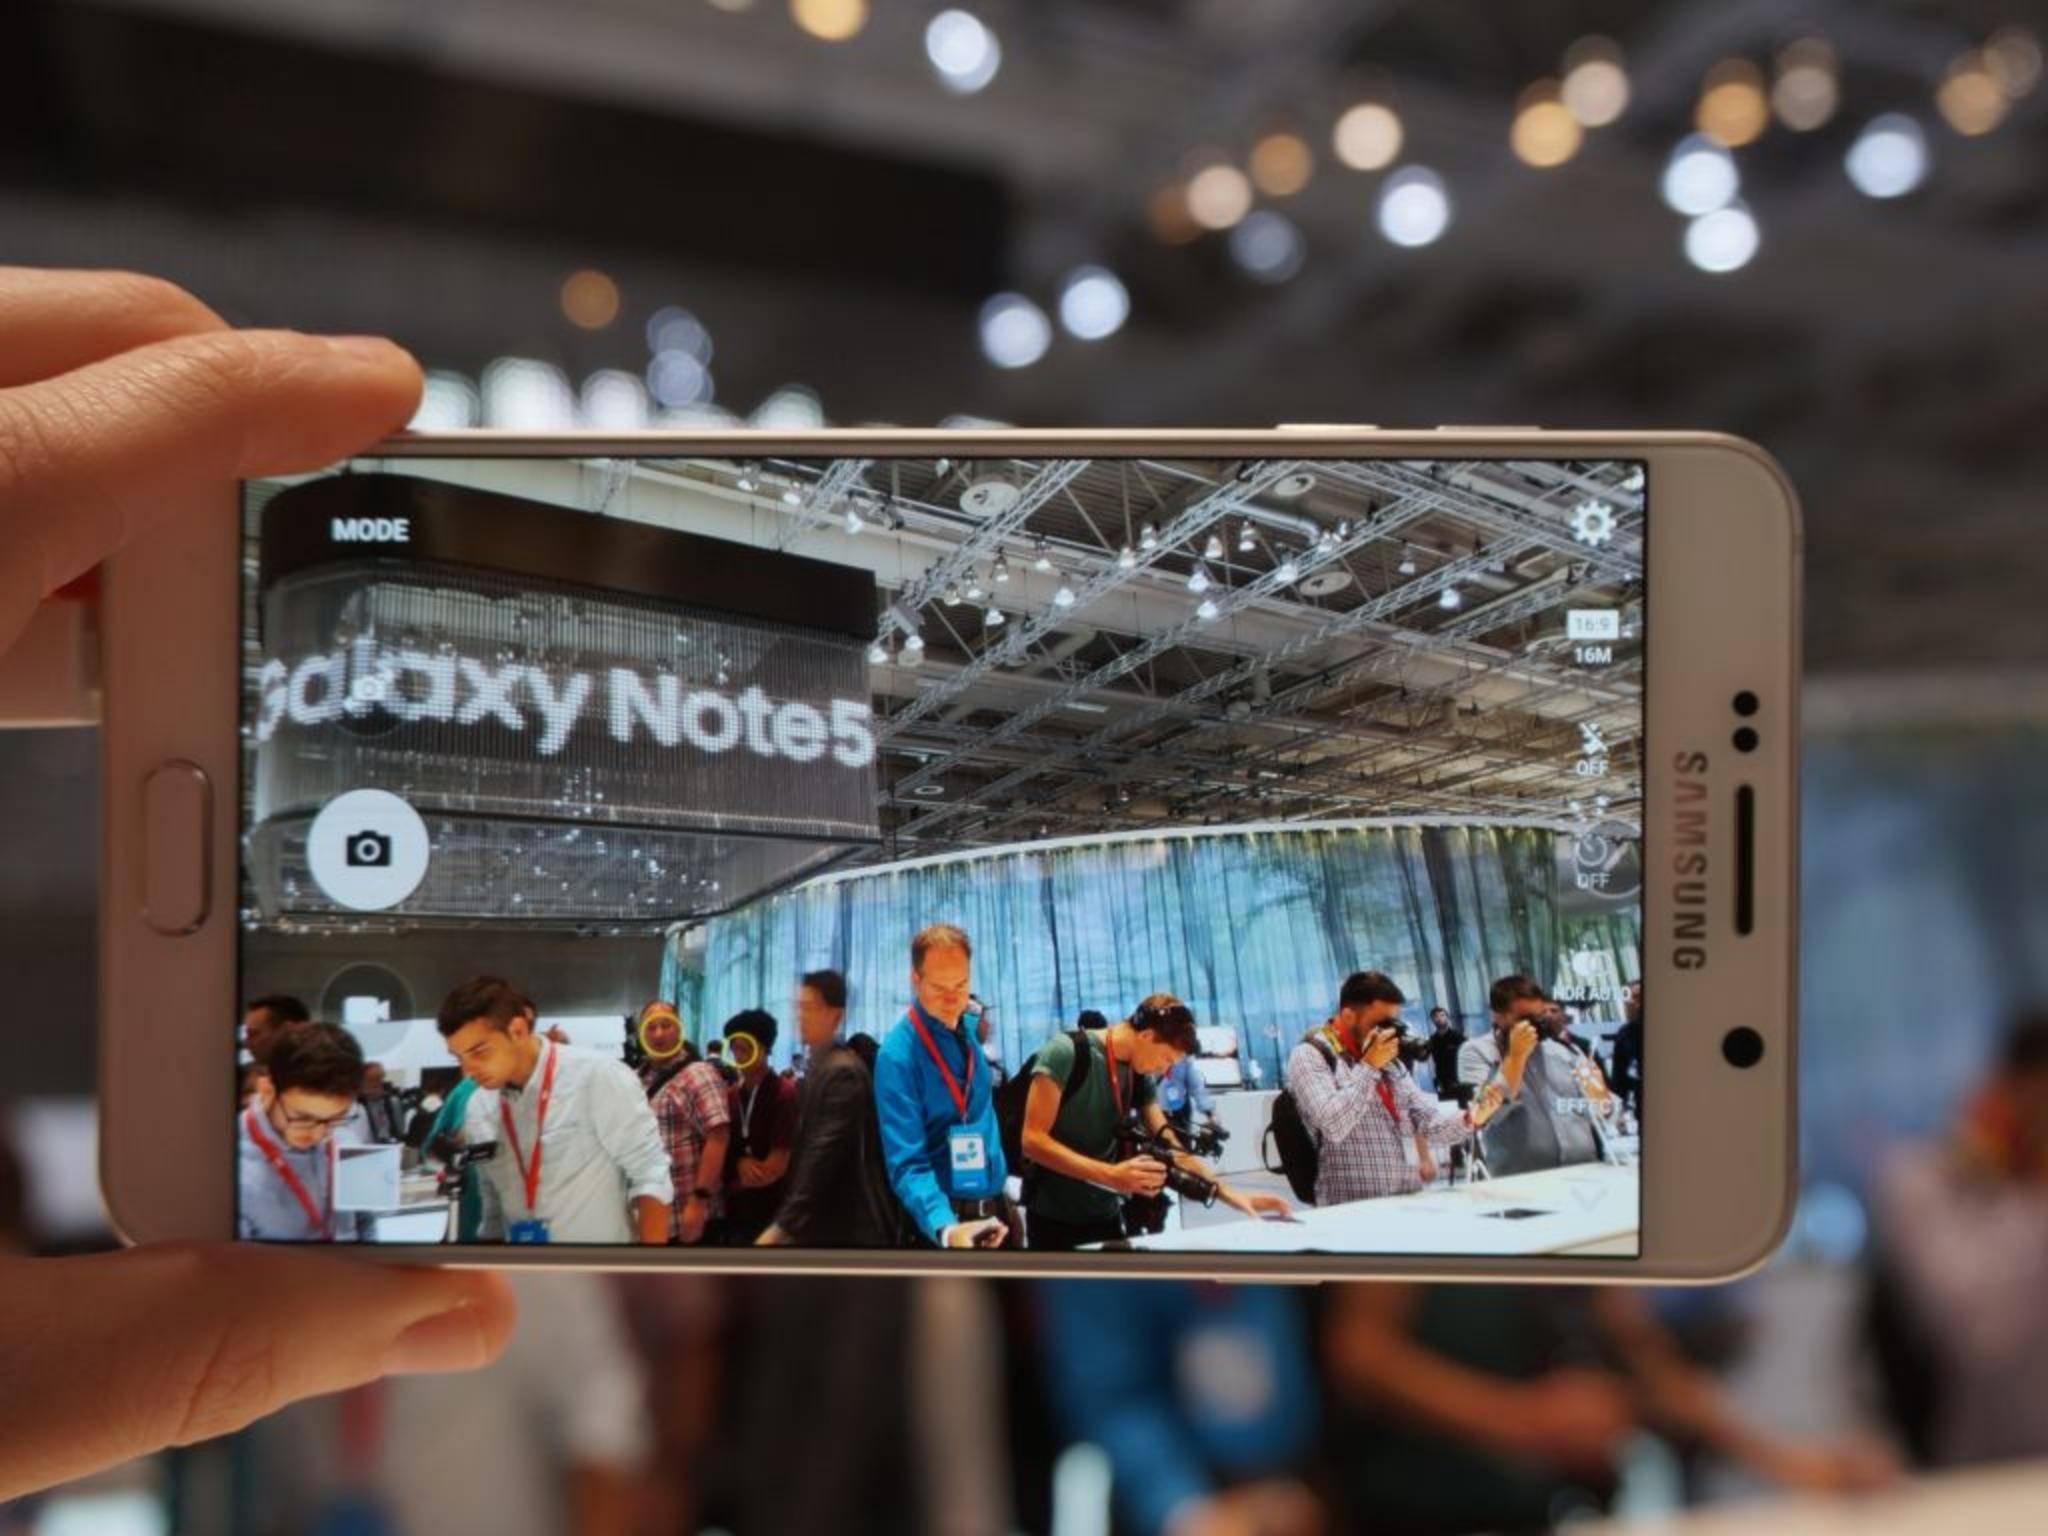 Verkündet Samsung etwa den Release des Galaxy Note 5 in Deutschland?